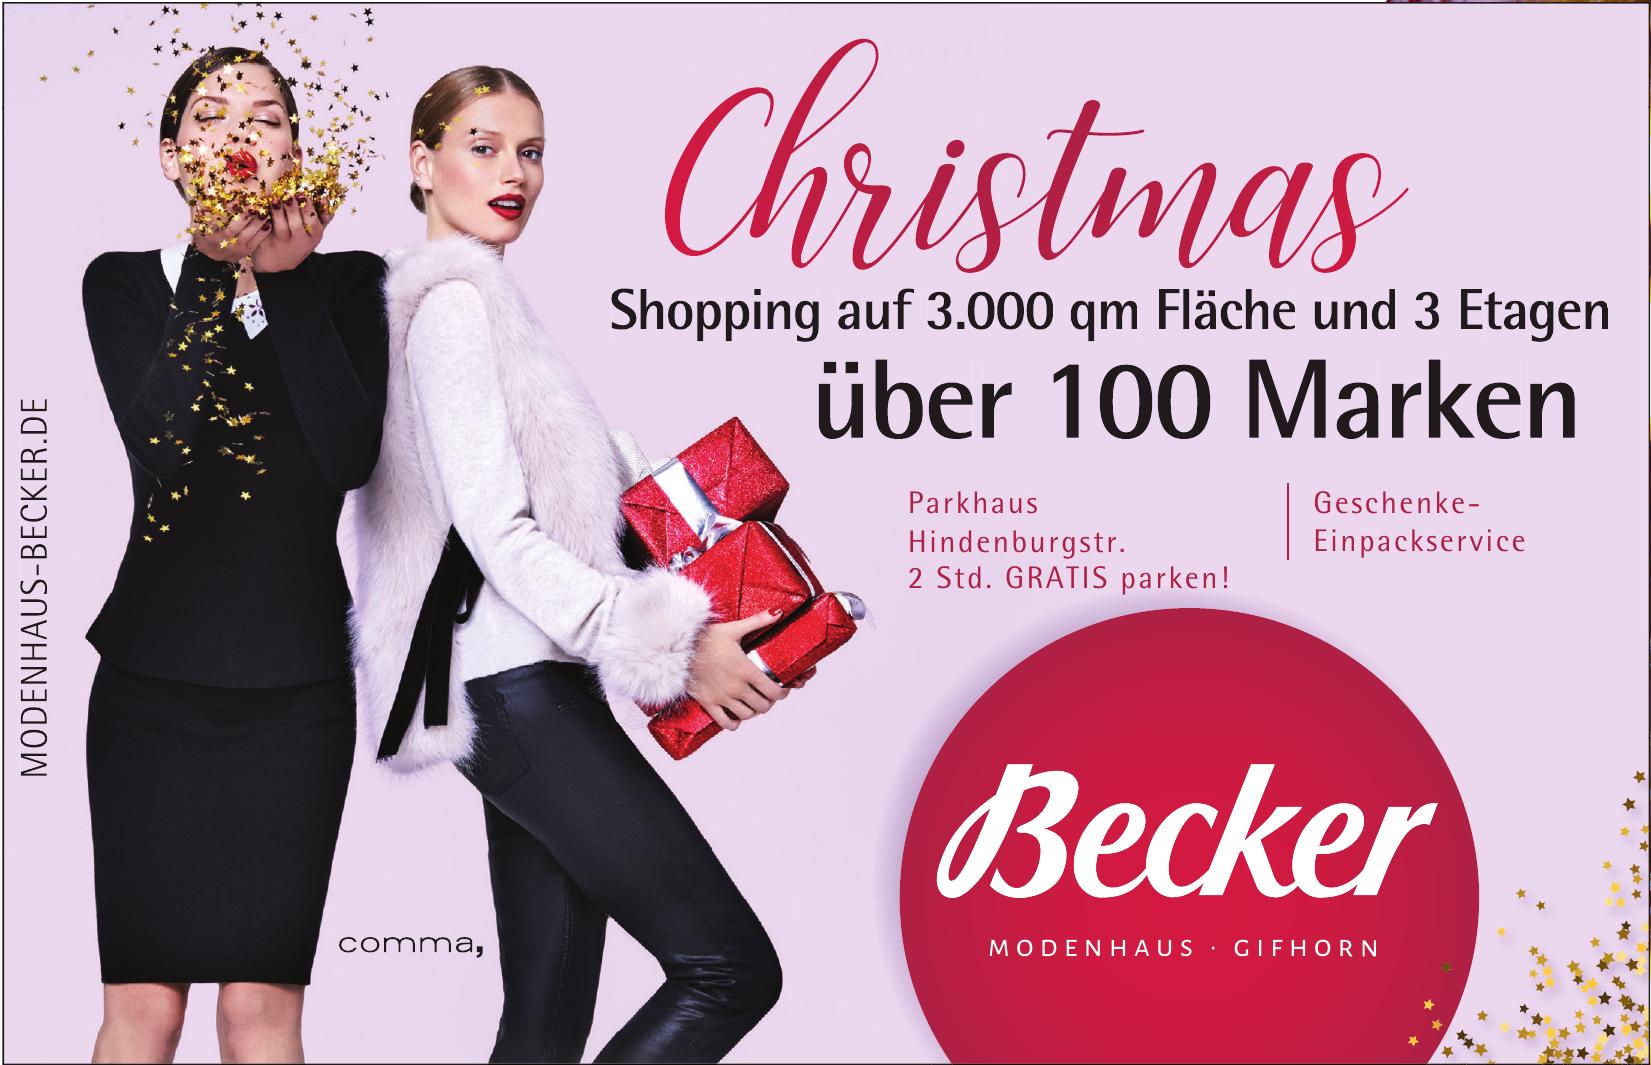 Becker Modenhaus